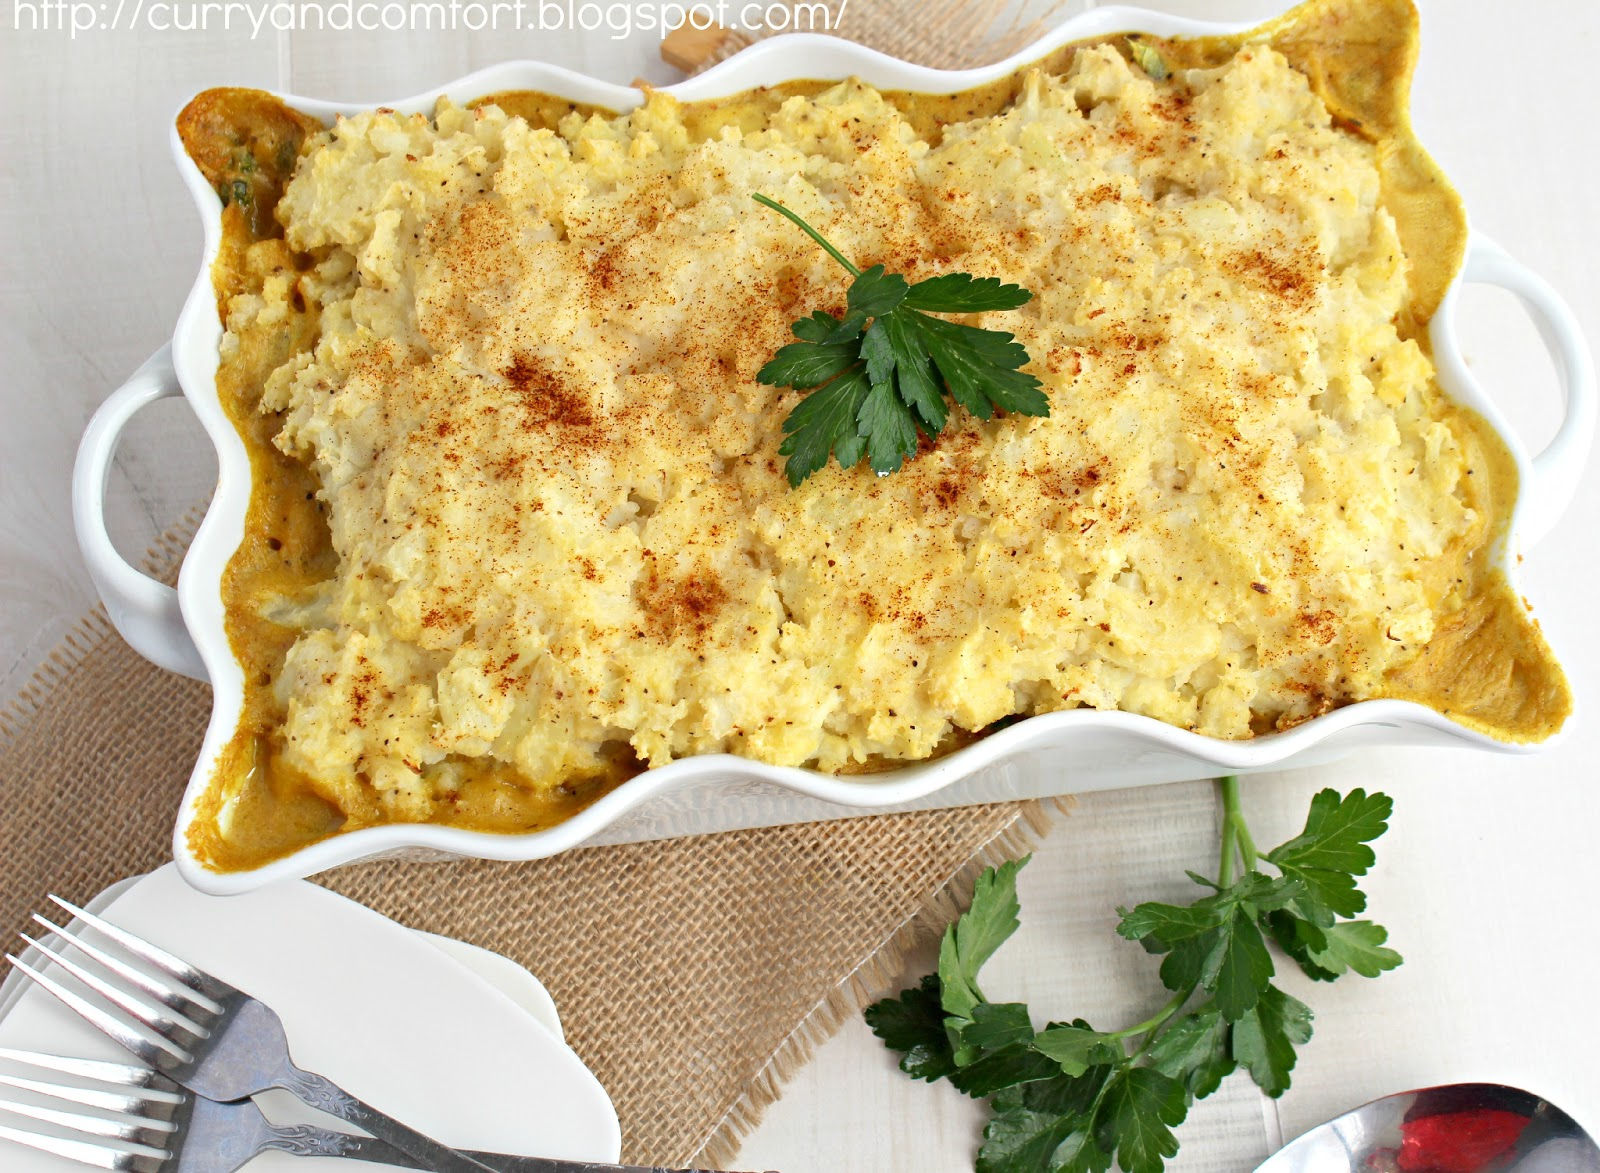 Kitchen Simmer: Curried Chicken Cottage Pie with Cauliflower Topping